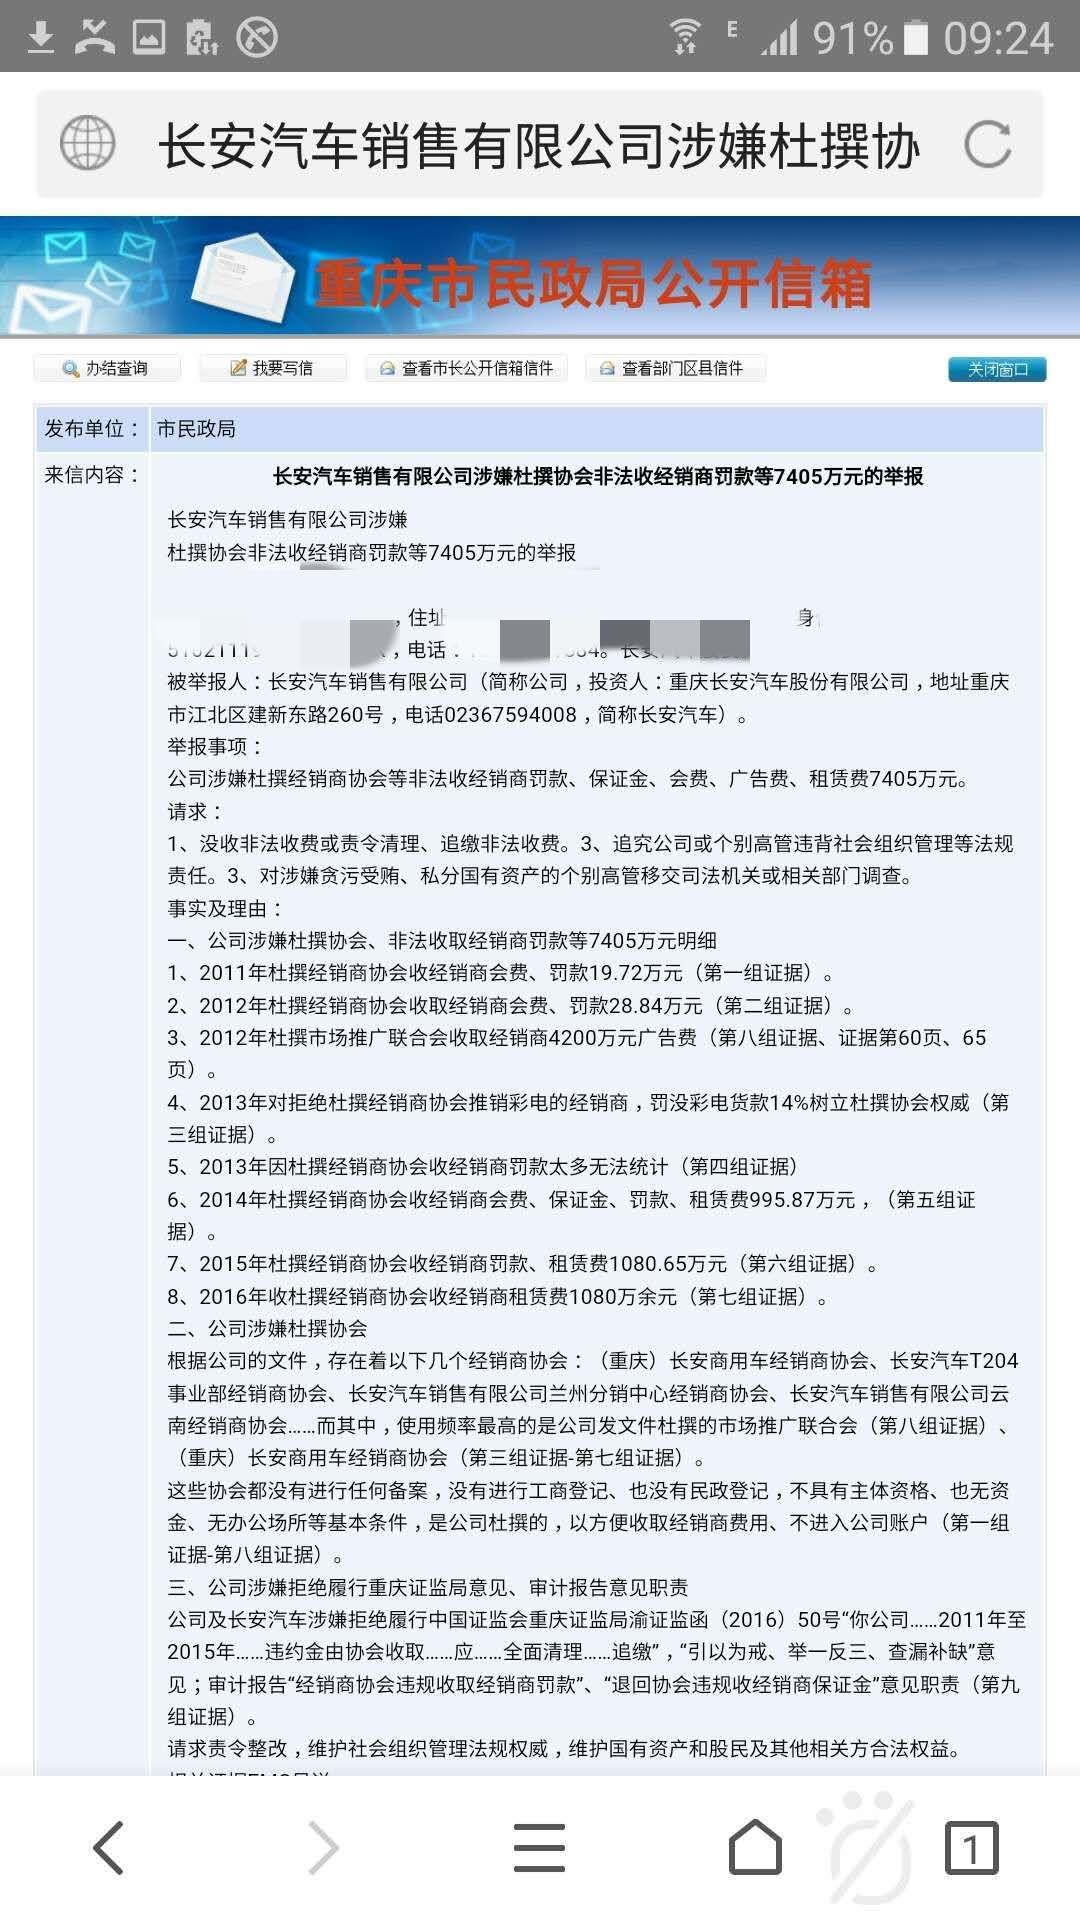 """长安汽车涉嫌成立""""山寨经销商协会""""收取经销商15亿元"""